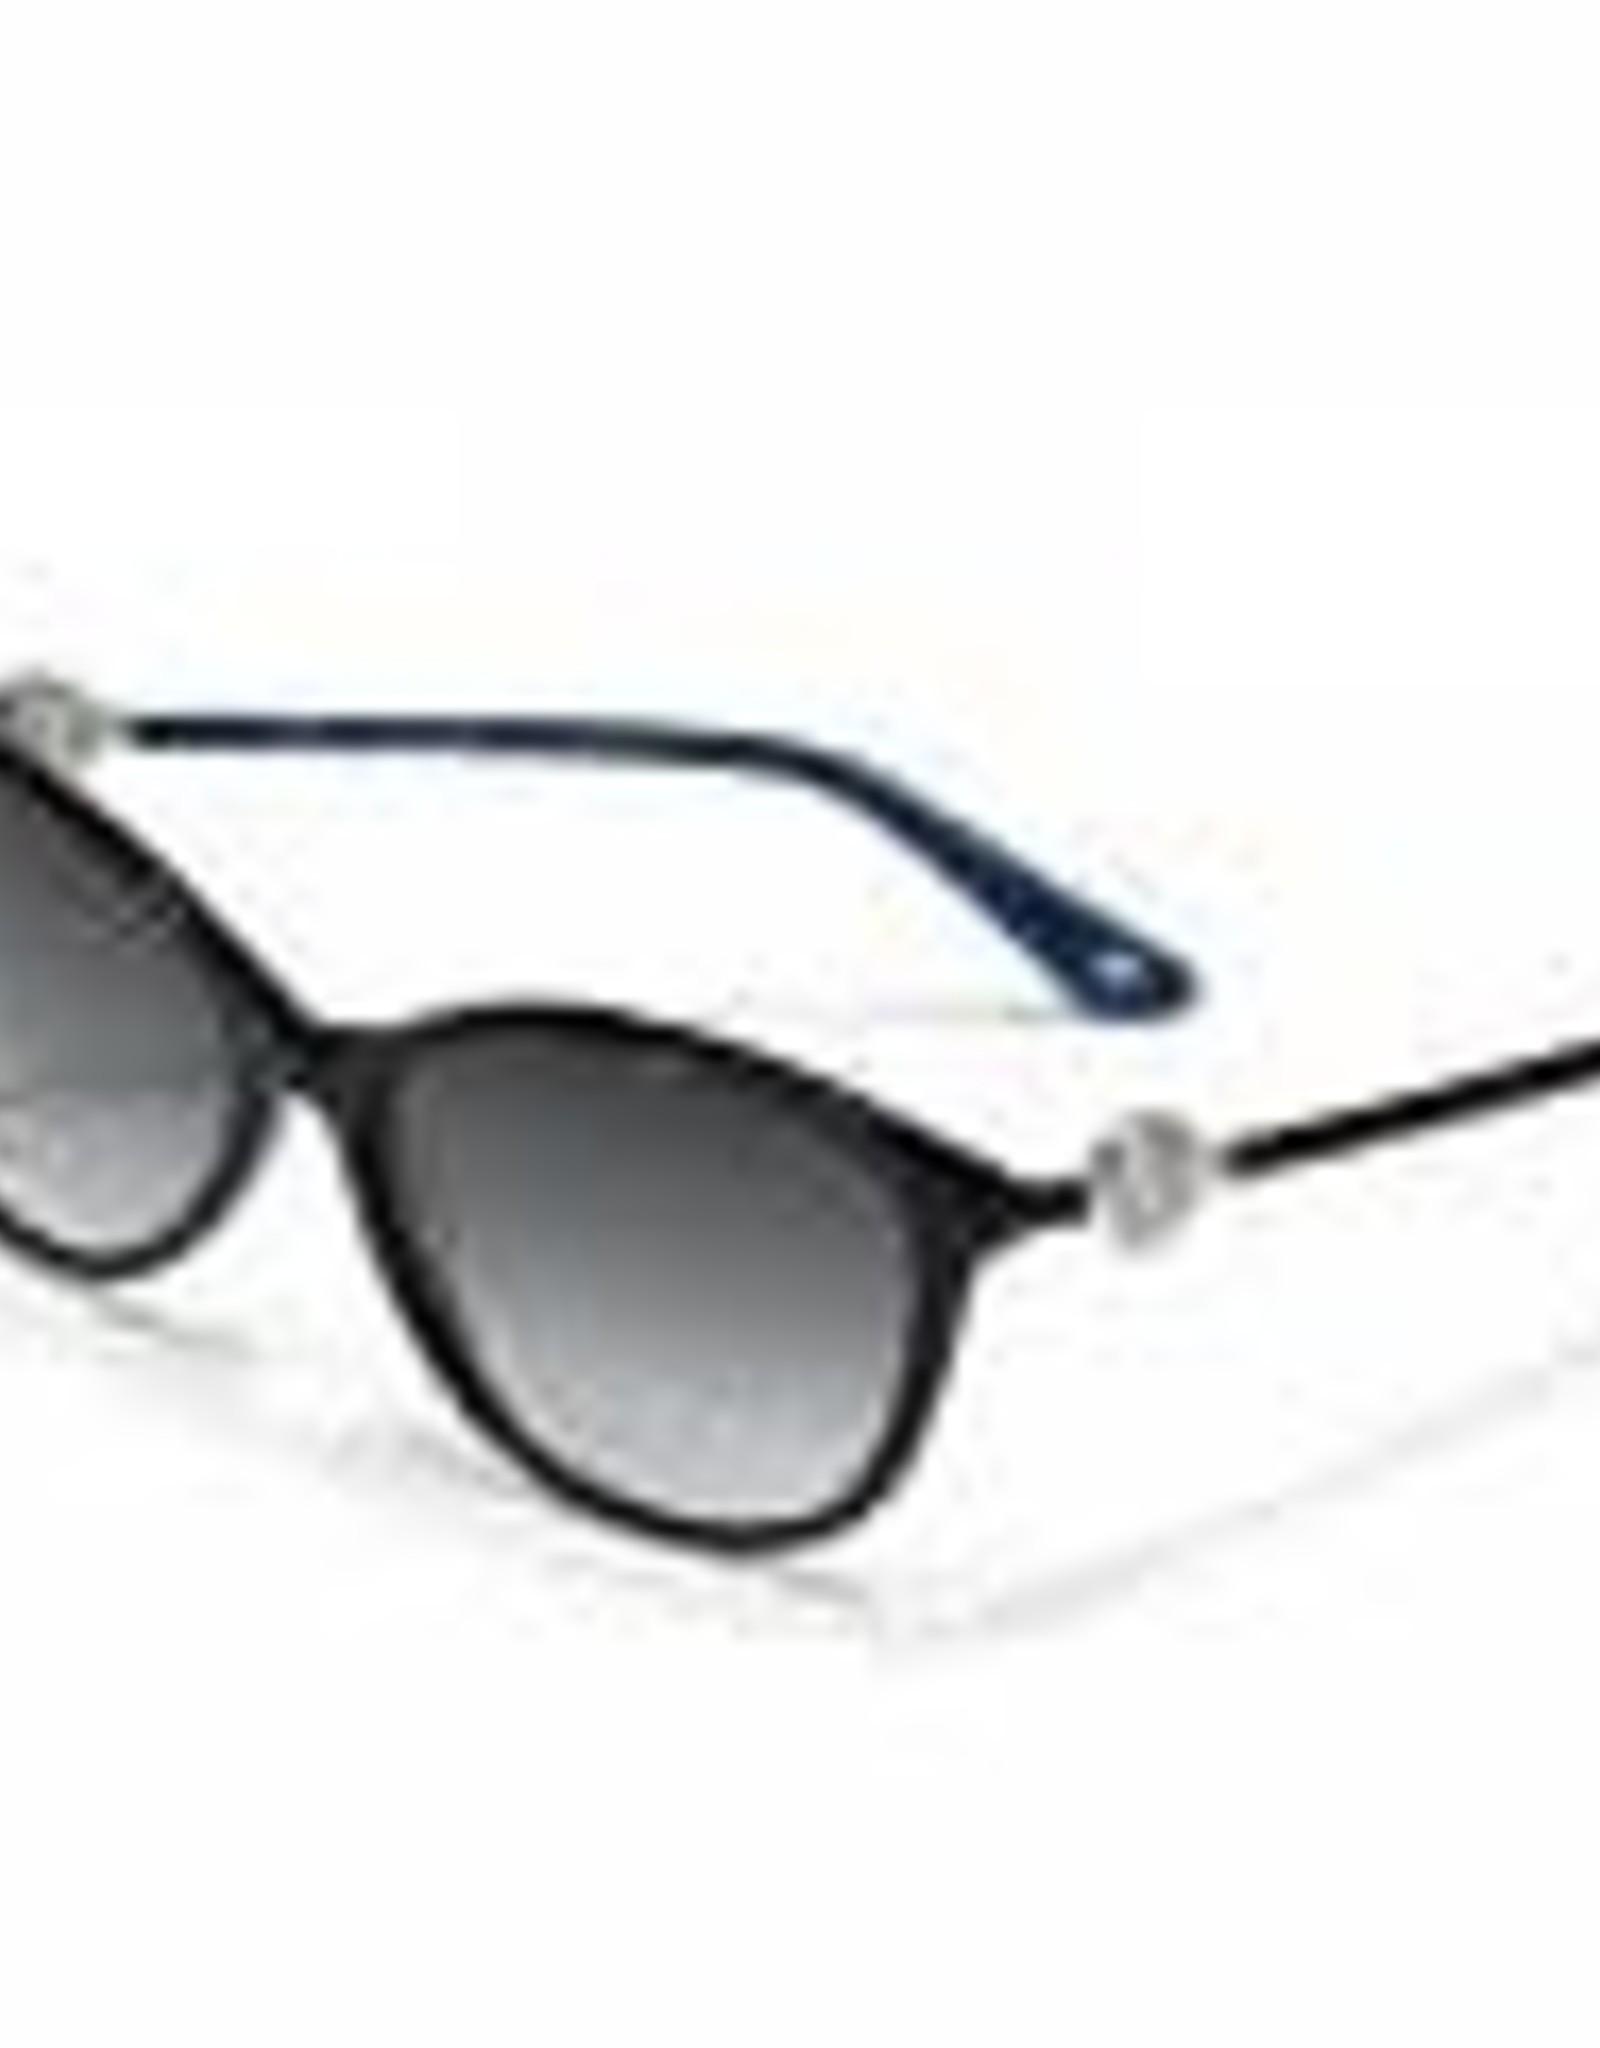 Brighton Brighton Sunglasses-Ferrara